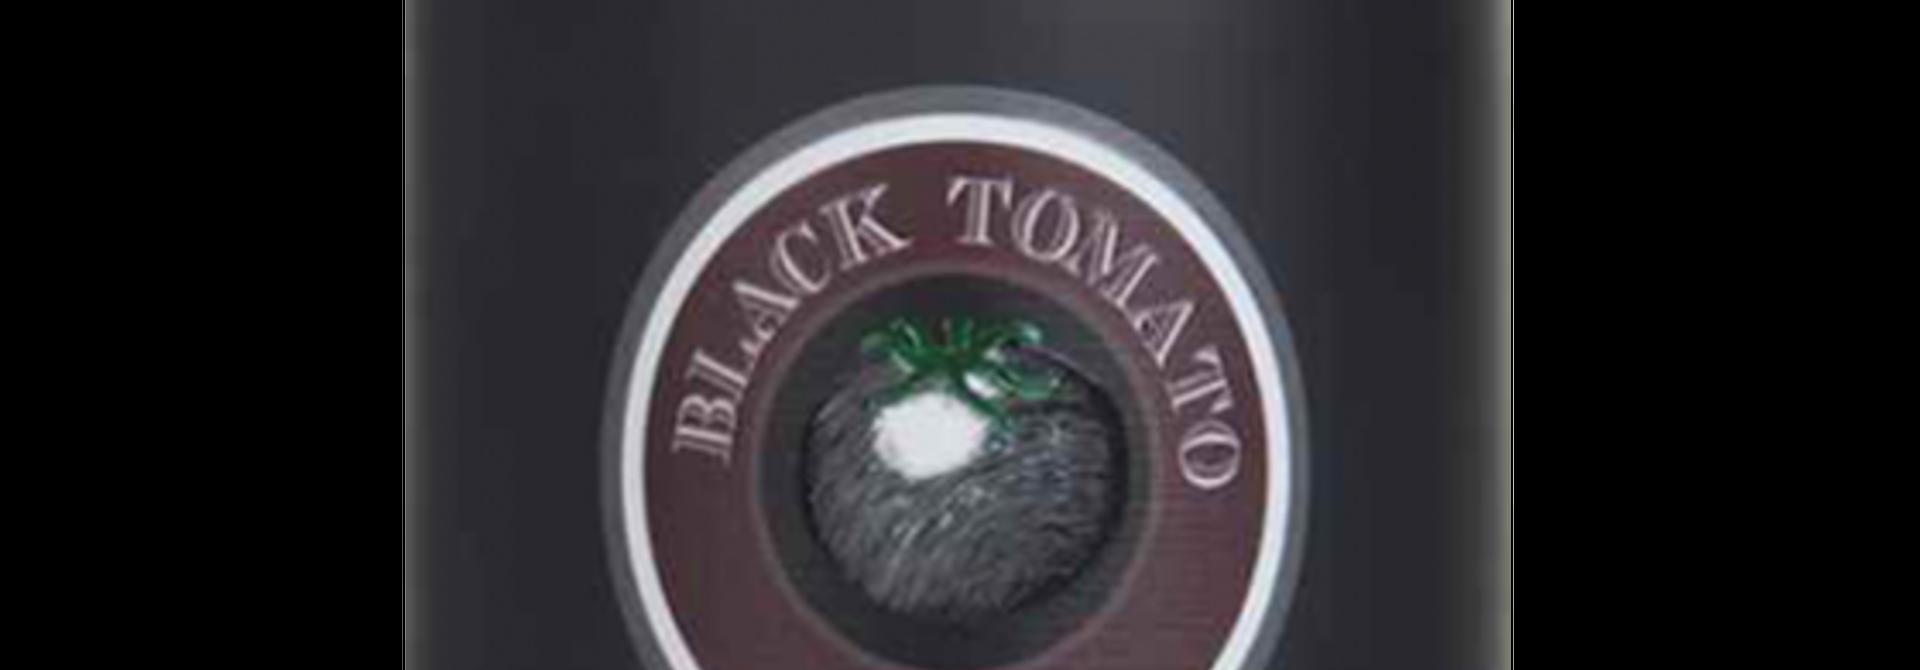 BLACK TOMATO Gin 0.50ltr